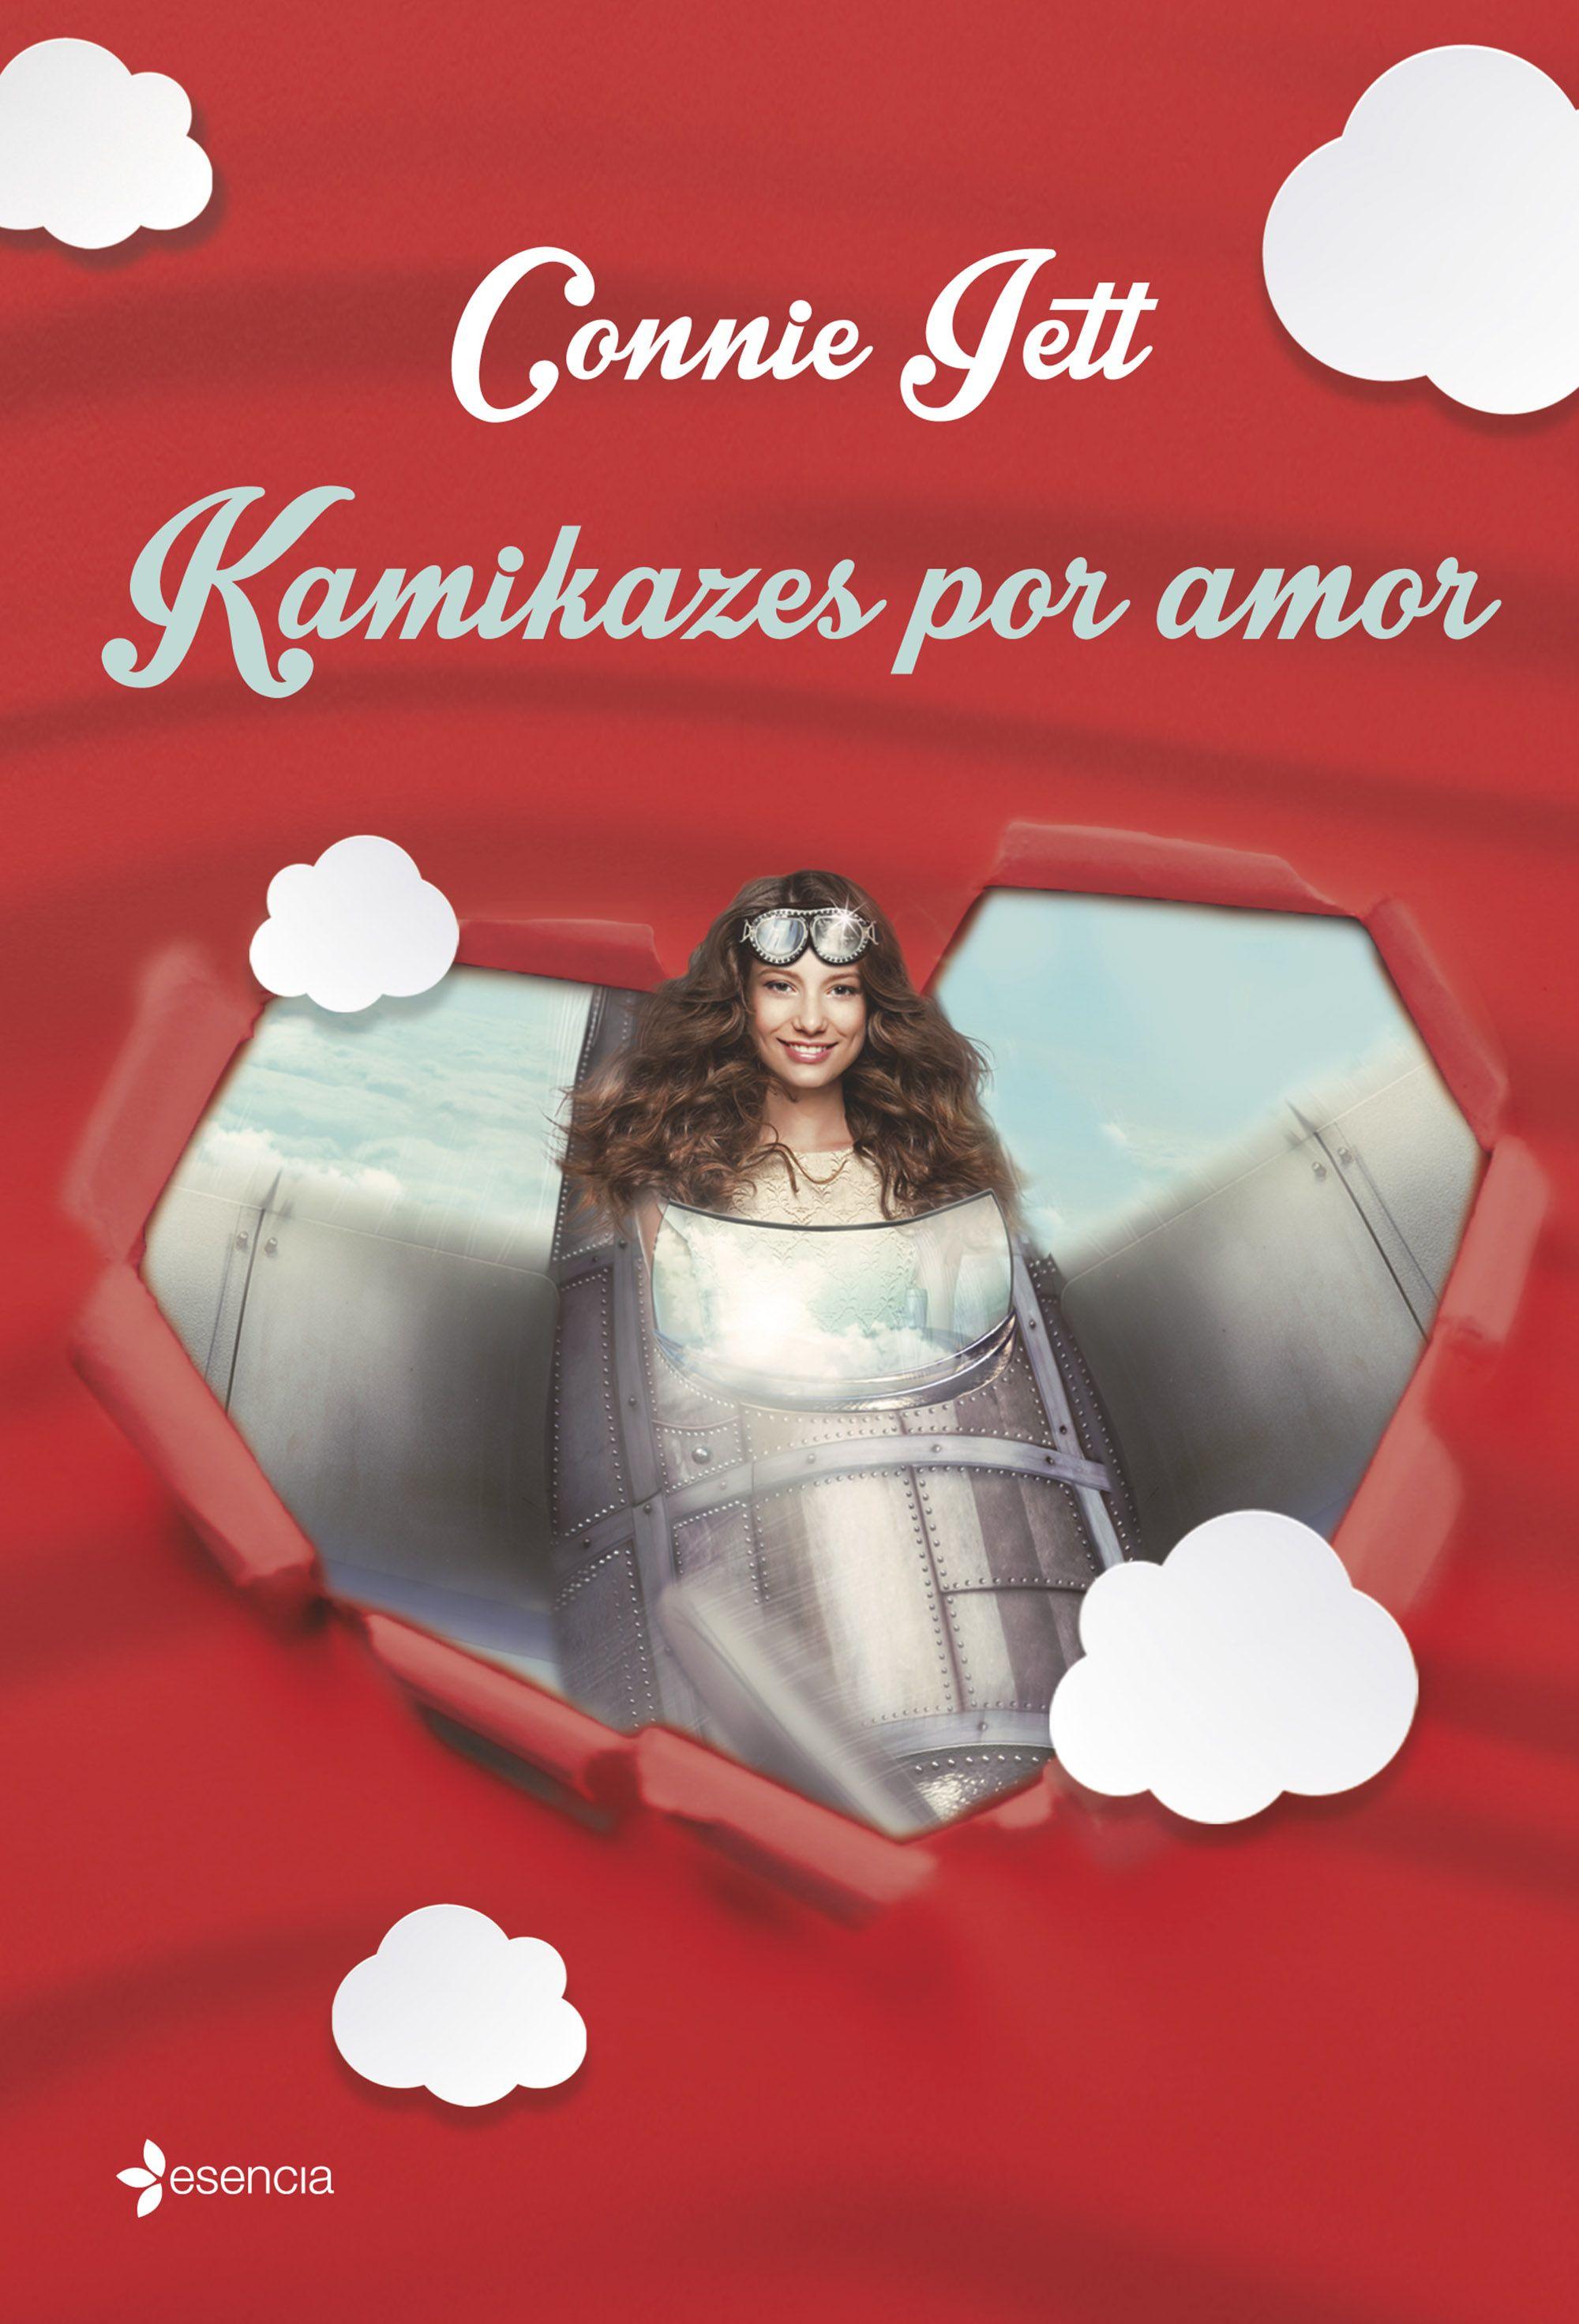 Llega a las librerías 'Kamikazes por amor', la nueva comedia romántica de Connie Jett